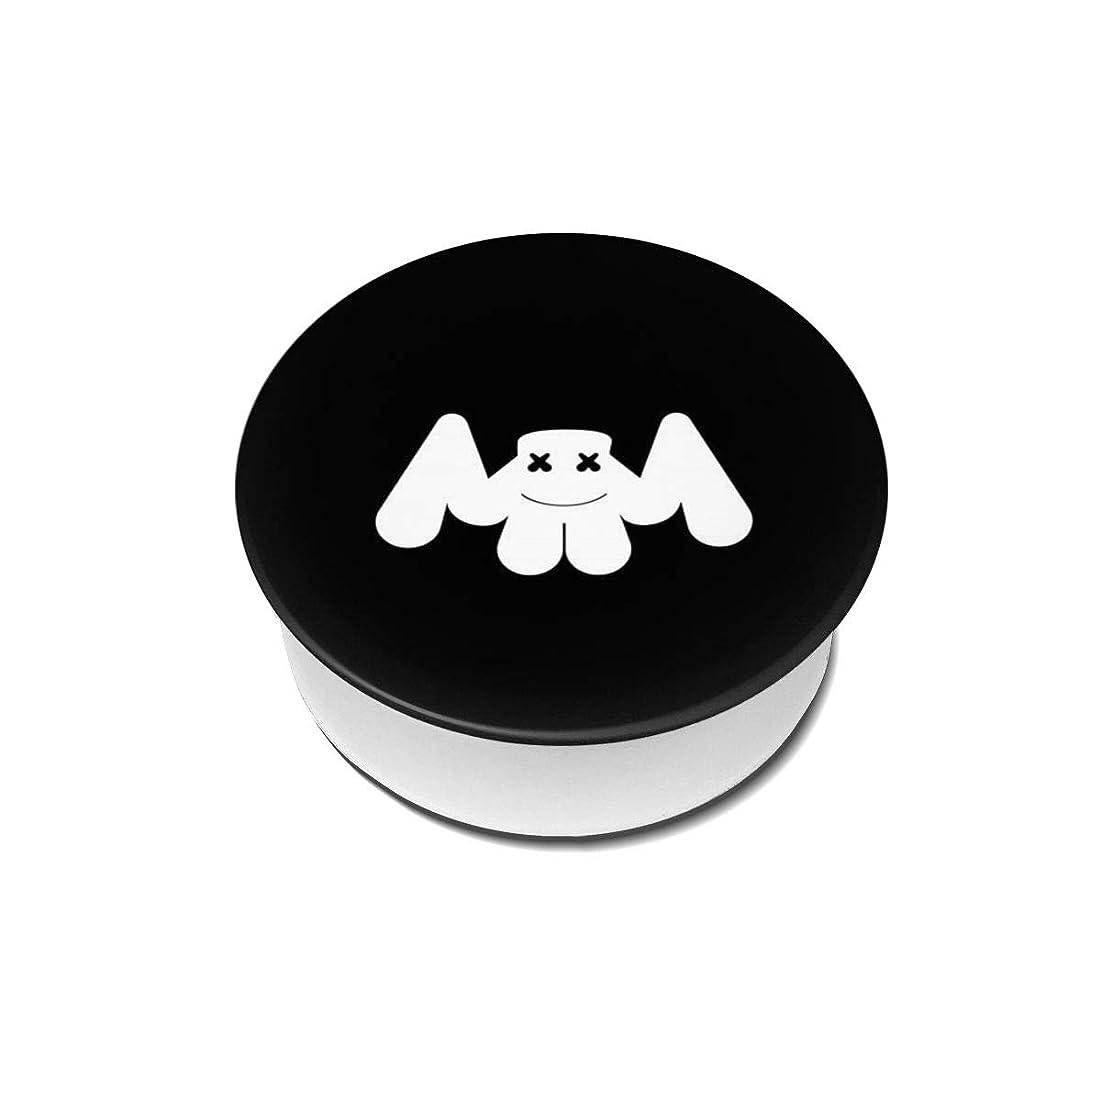 大声で角度登録Yinian 4個入リ マシュメロ Marshmello スマホリング/スマホスタンド/スマホグリップ/スマホアクセサリー バンカーリング スマホ リング かわいい ホールドリング 薄型 スタンド機能 ホルダー 落下防止 軽い 各種他対応/iPhone/Android(2pcs入リ)